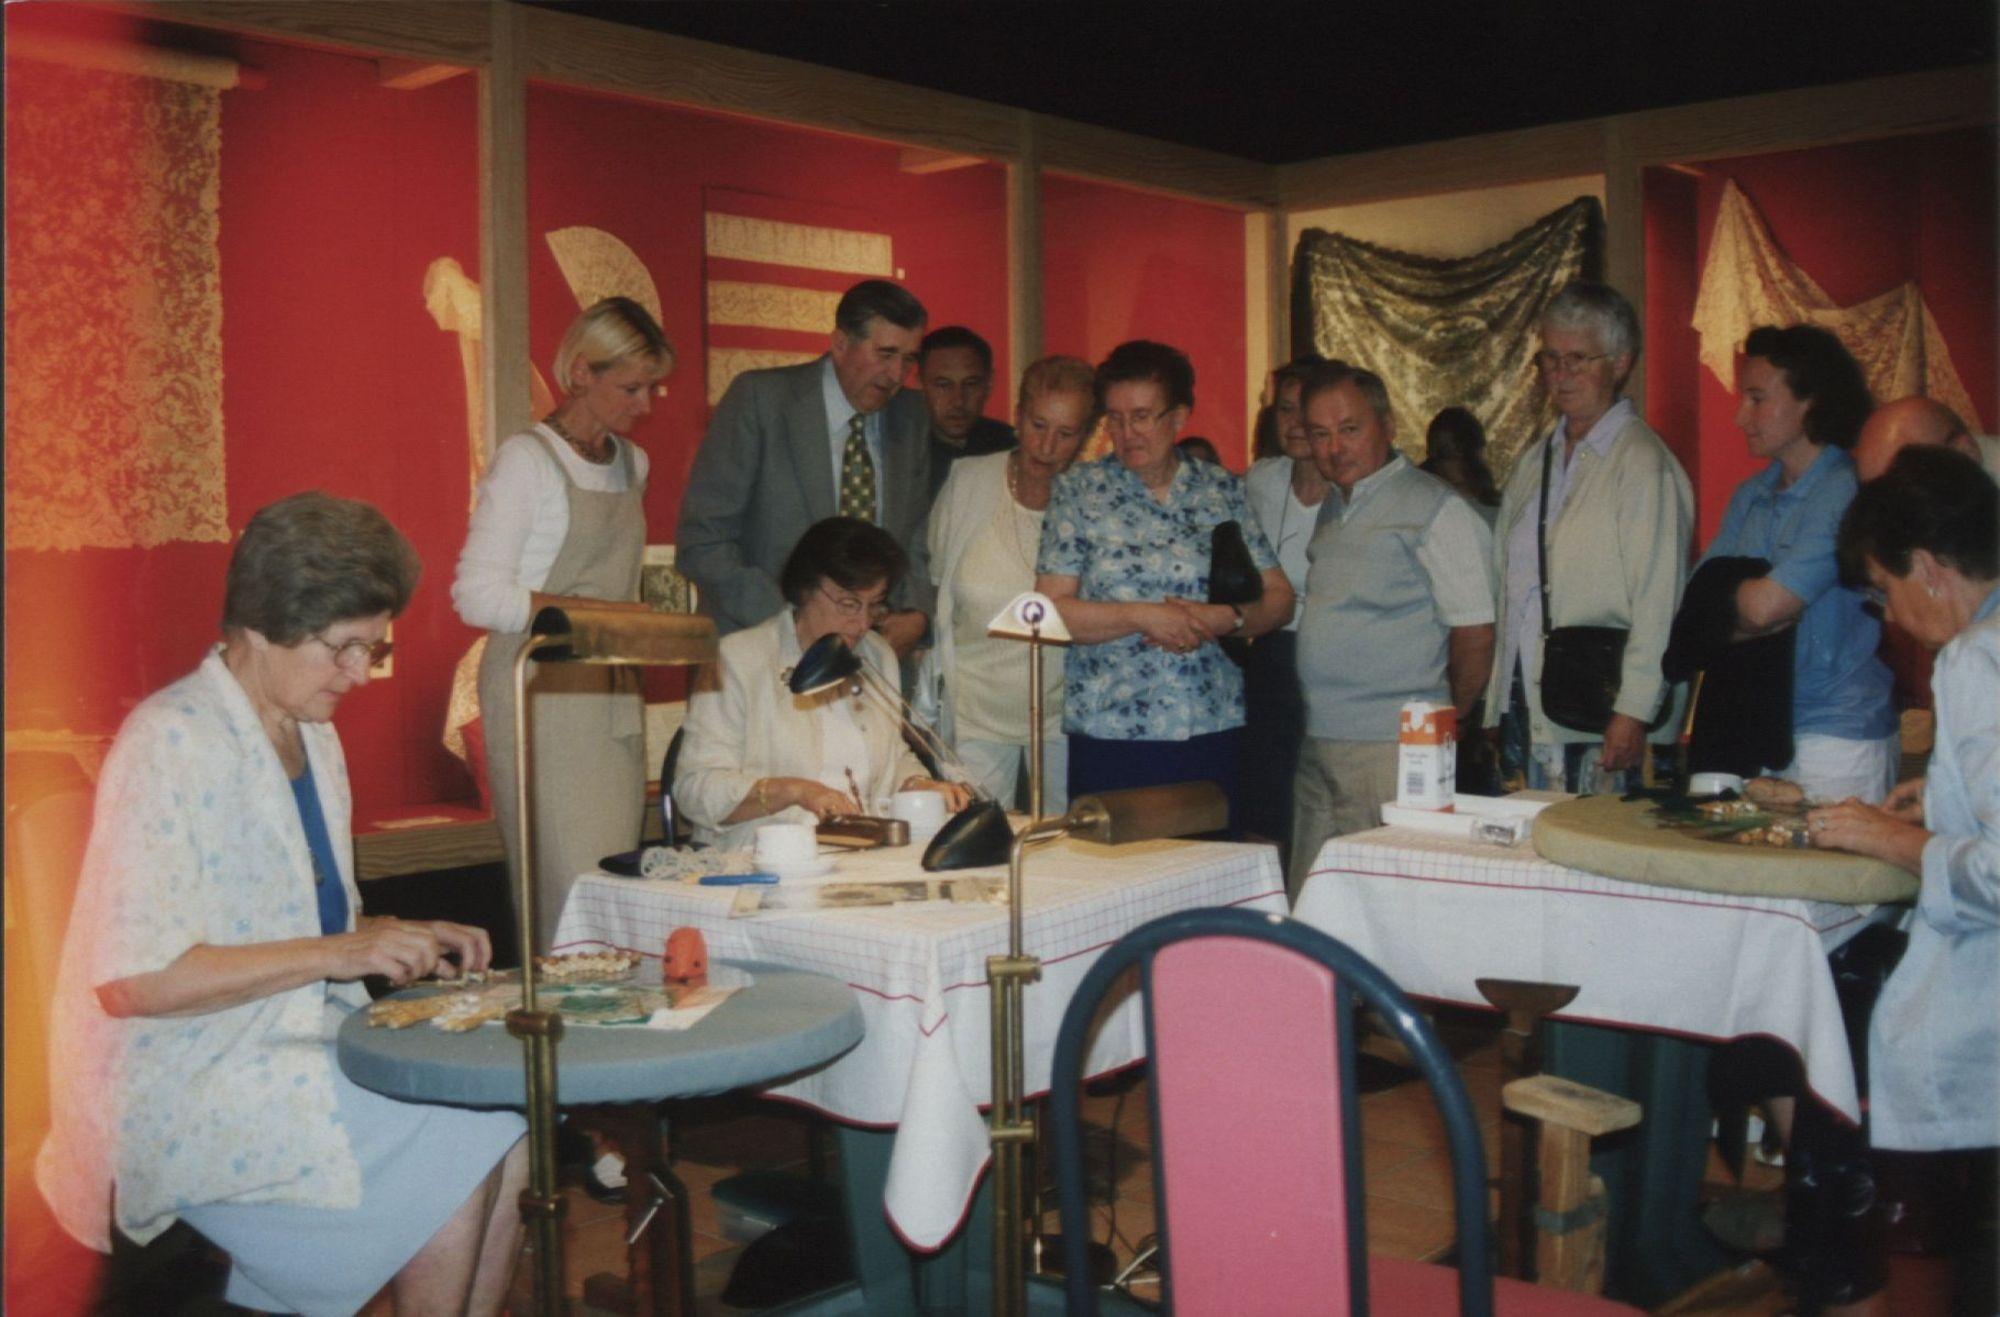 Festivaldag 2000